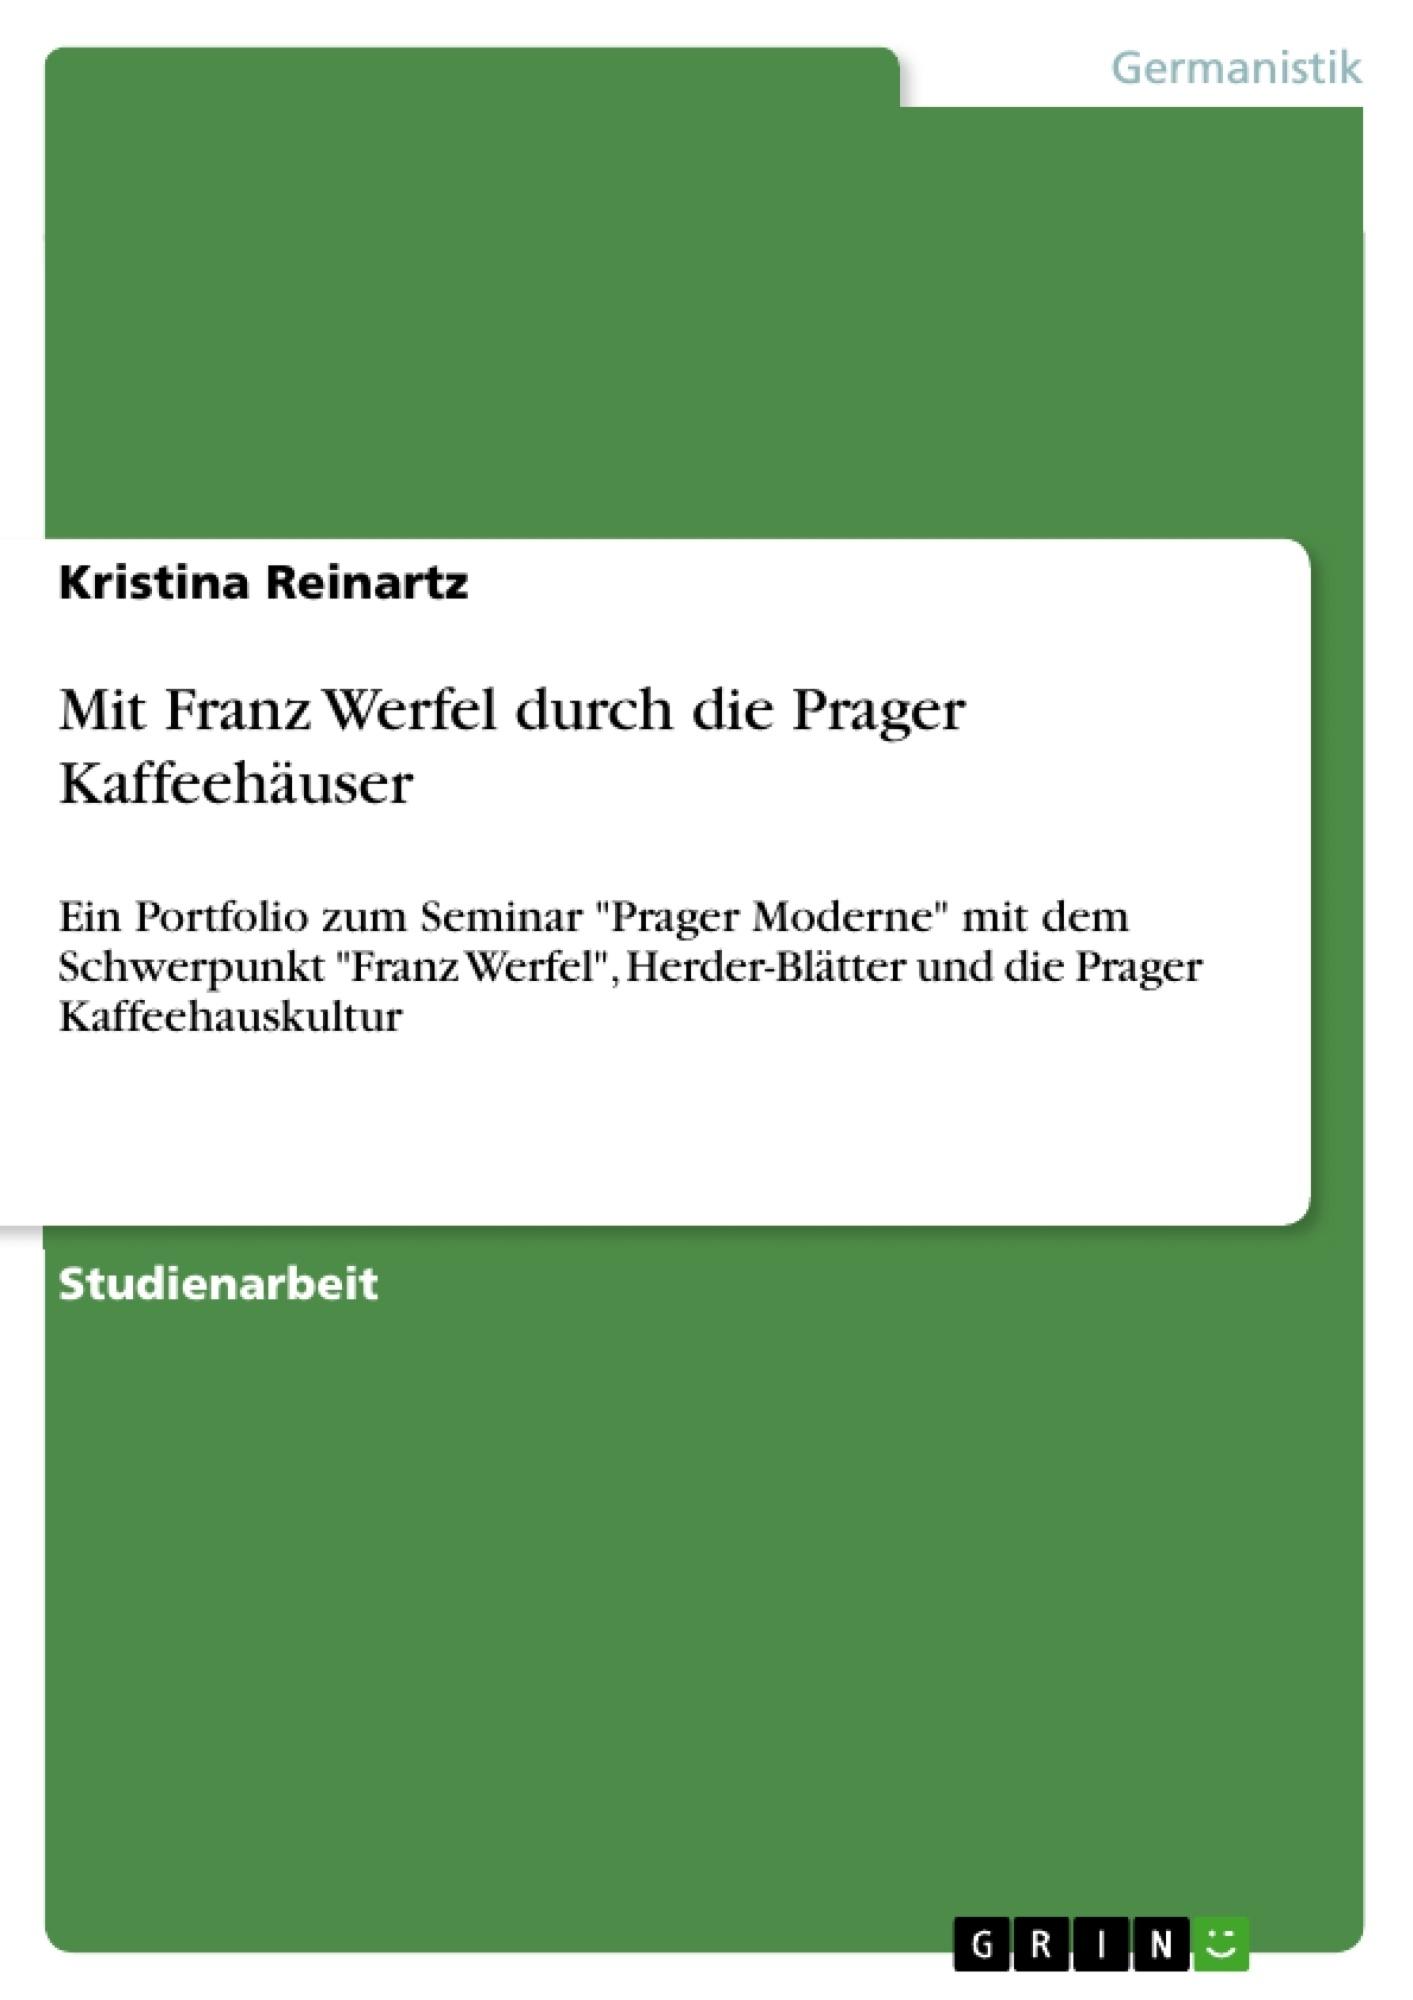 Titel: Mit Franz Werfel durch die Prager Kaffeehäuser